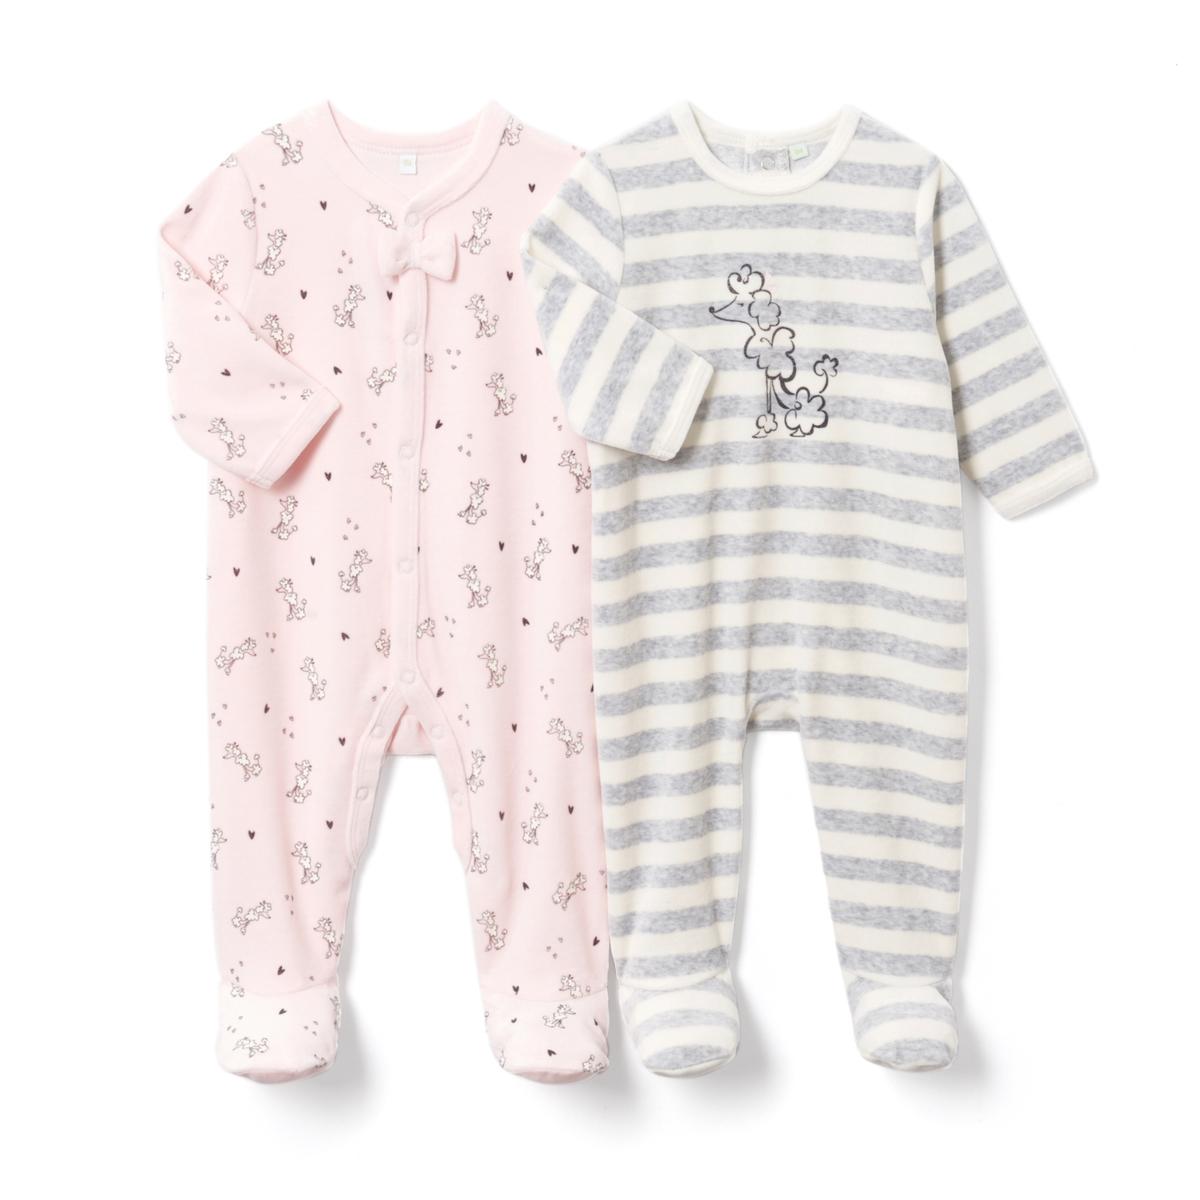 2 пижамы из велюра с рисунком пудель, 0 мес. -3 годаПижама из велюра. В комплекте 2 пижамы: 1 пижама в полоску с рисунком пудель спереди и застежкой и клапаном на кнопках сзади + 1 пижама с рисунком пудель с застежкой спереди и по внутр.шву на кнопки. Носочки с покрытием против скольжения от 12 мес. (74 см), эластичные сзади для лучшей поддержки. Верх пижамы без этикетки, чтобы не вызывать раздражение или зуд на коже ребенка.Товарный знак Oeko-Tex® . Знак Oeko-Tex® гарантирует, что товары прошли проверку и были изготовлены без применения вредных для здоровья человека веществ.Состав и описание :     Материал: велюр, 75% хлопка, 25% полиэстера.    Уход : Машинная стирка при 30 °C на умеренном режиме с вещами схожих цветов. Стирать, сушить и гладить с изнаночной стороны. Машинная сушка на умеренном режиме. Гладить при низкой температуре.    * Международный знак Oeko-tex гарантирует отсутствие вредных или раздражающих кожу веществ.<br><br>Цвет: розовый + в полоску серый/белый<br>Размер: 6 мес. - 67 см.18 мес. - 81 см